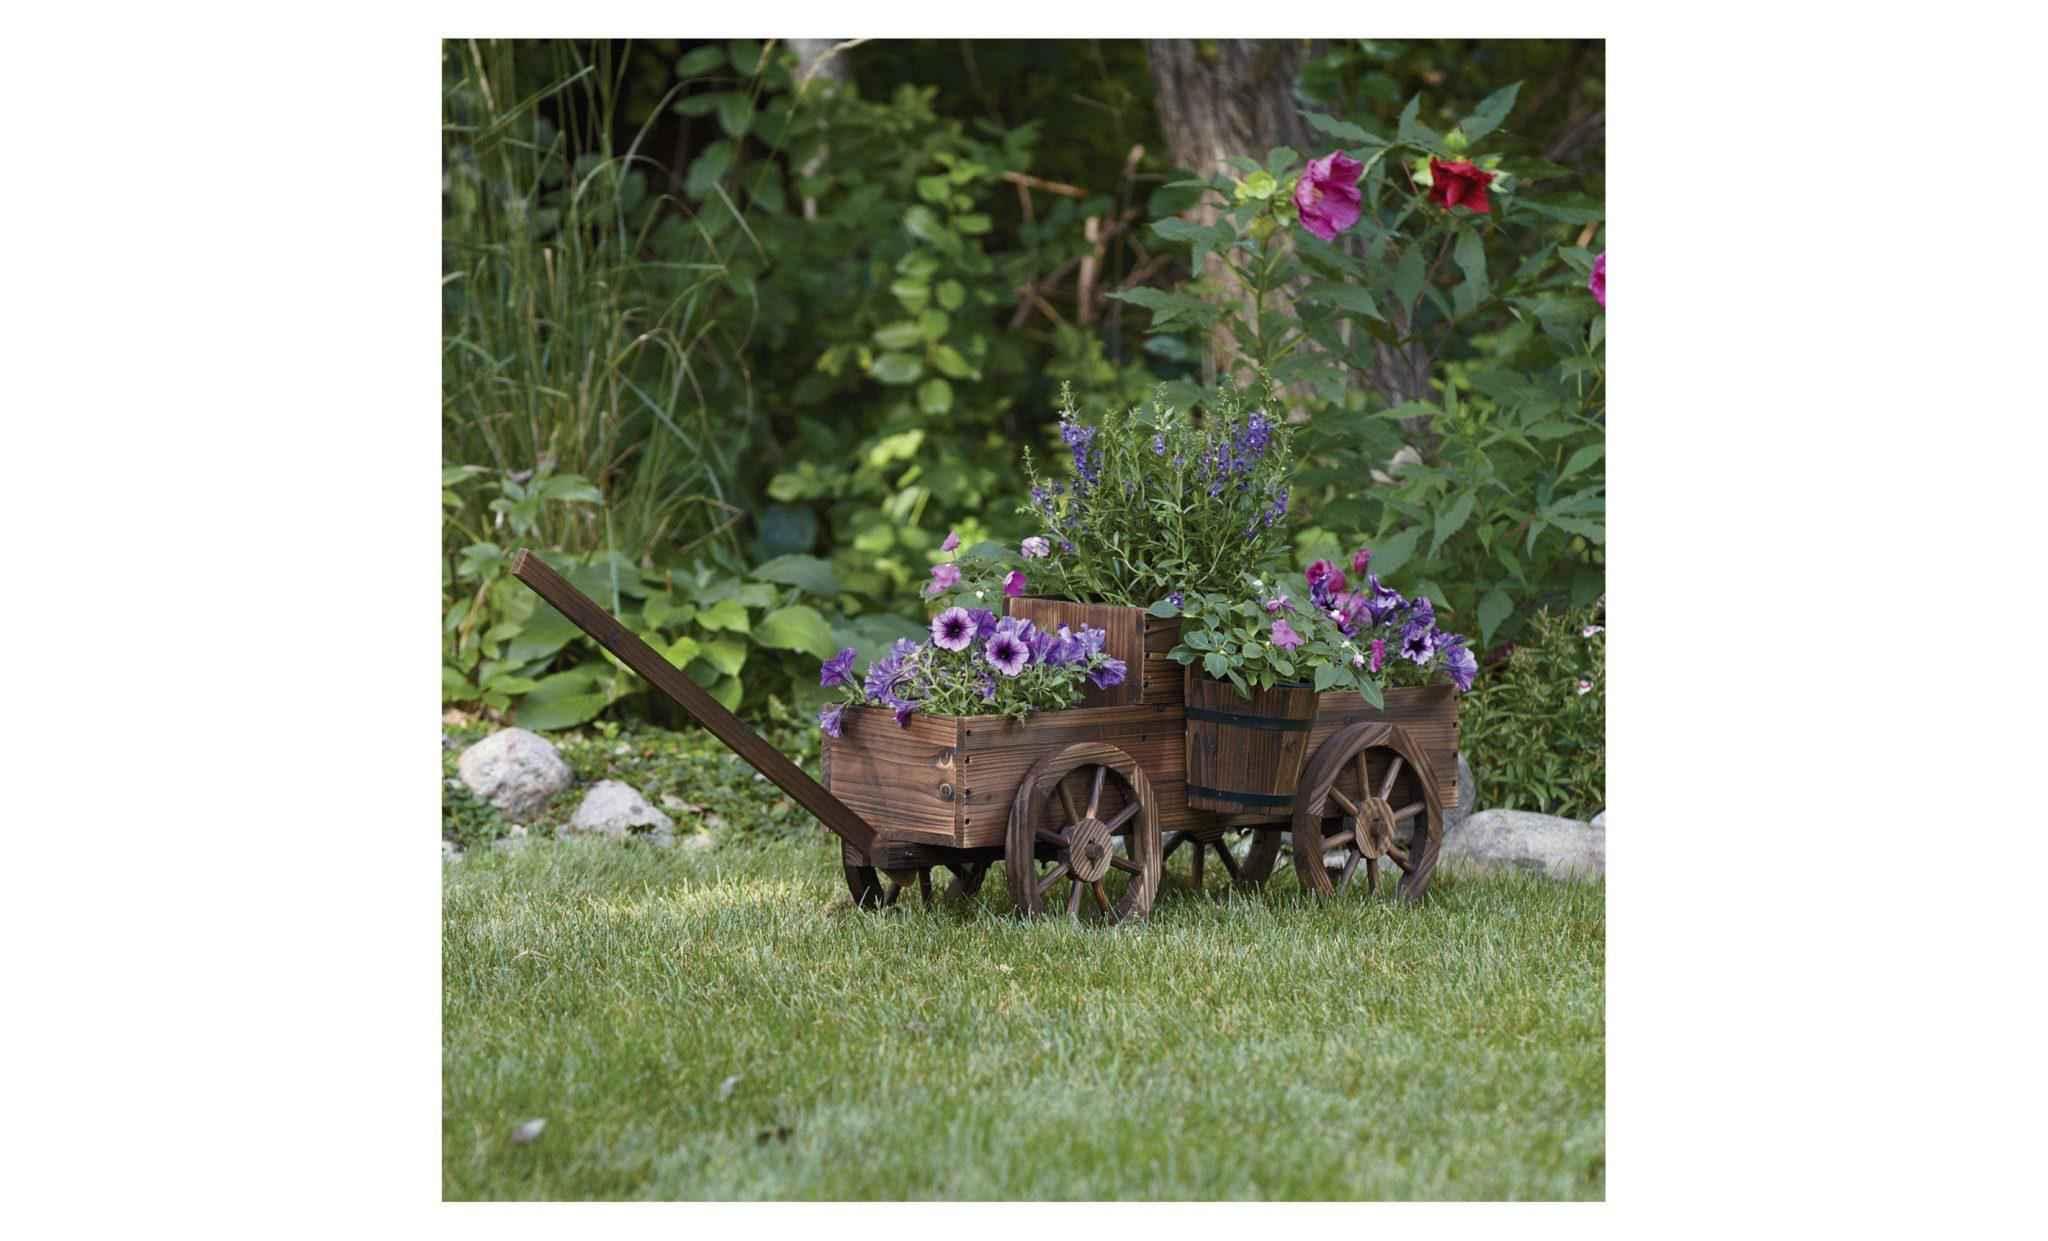 image11-10   Как сделать уютный сад в ограниченном пространстве и при ограниченном бюджете